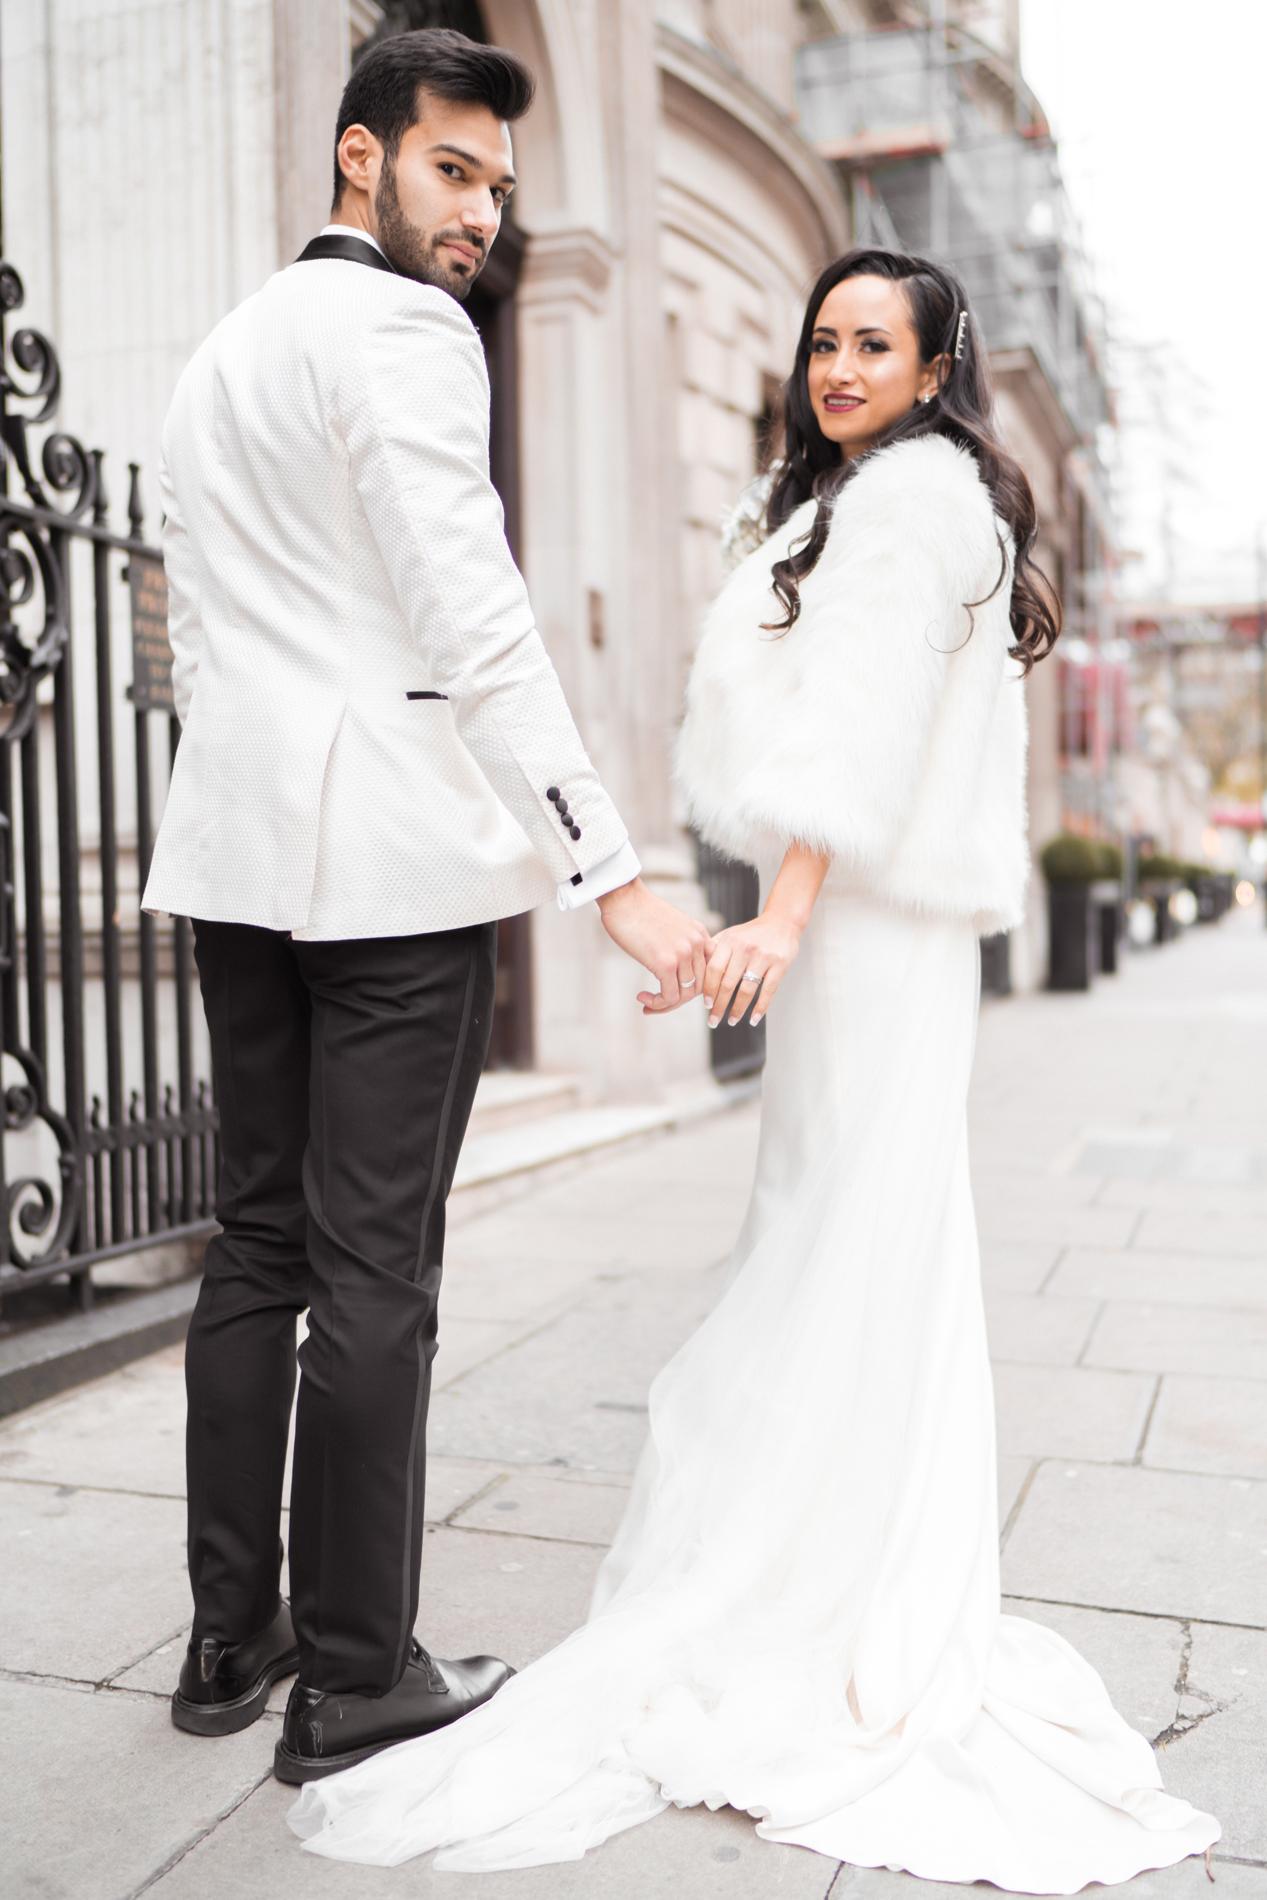 Bridal Shoot Hamilton Place by Ioana Porav117.jpg